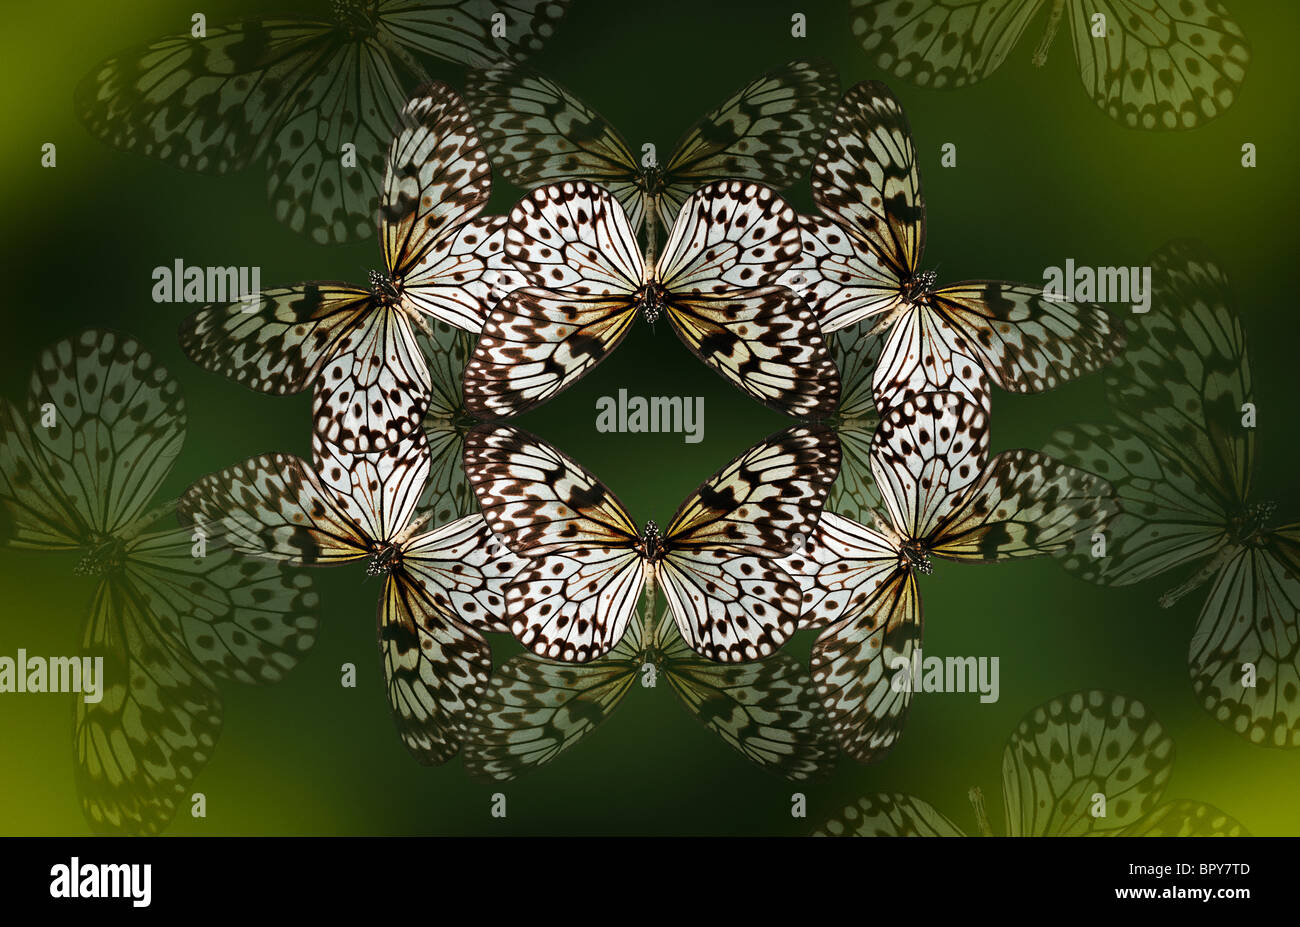 Baum Nymphe Schmetterling machen ein schönes Kaleidoskop wie Muster auf einem tiefen Waldgrün Hintergrund. Stockbild